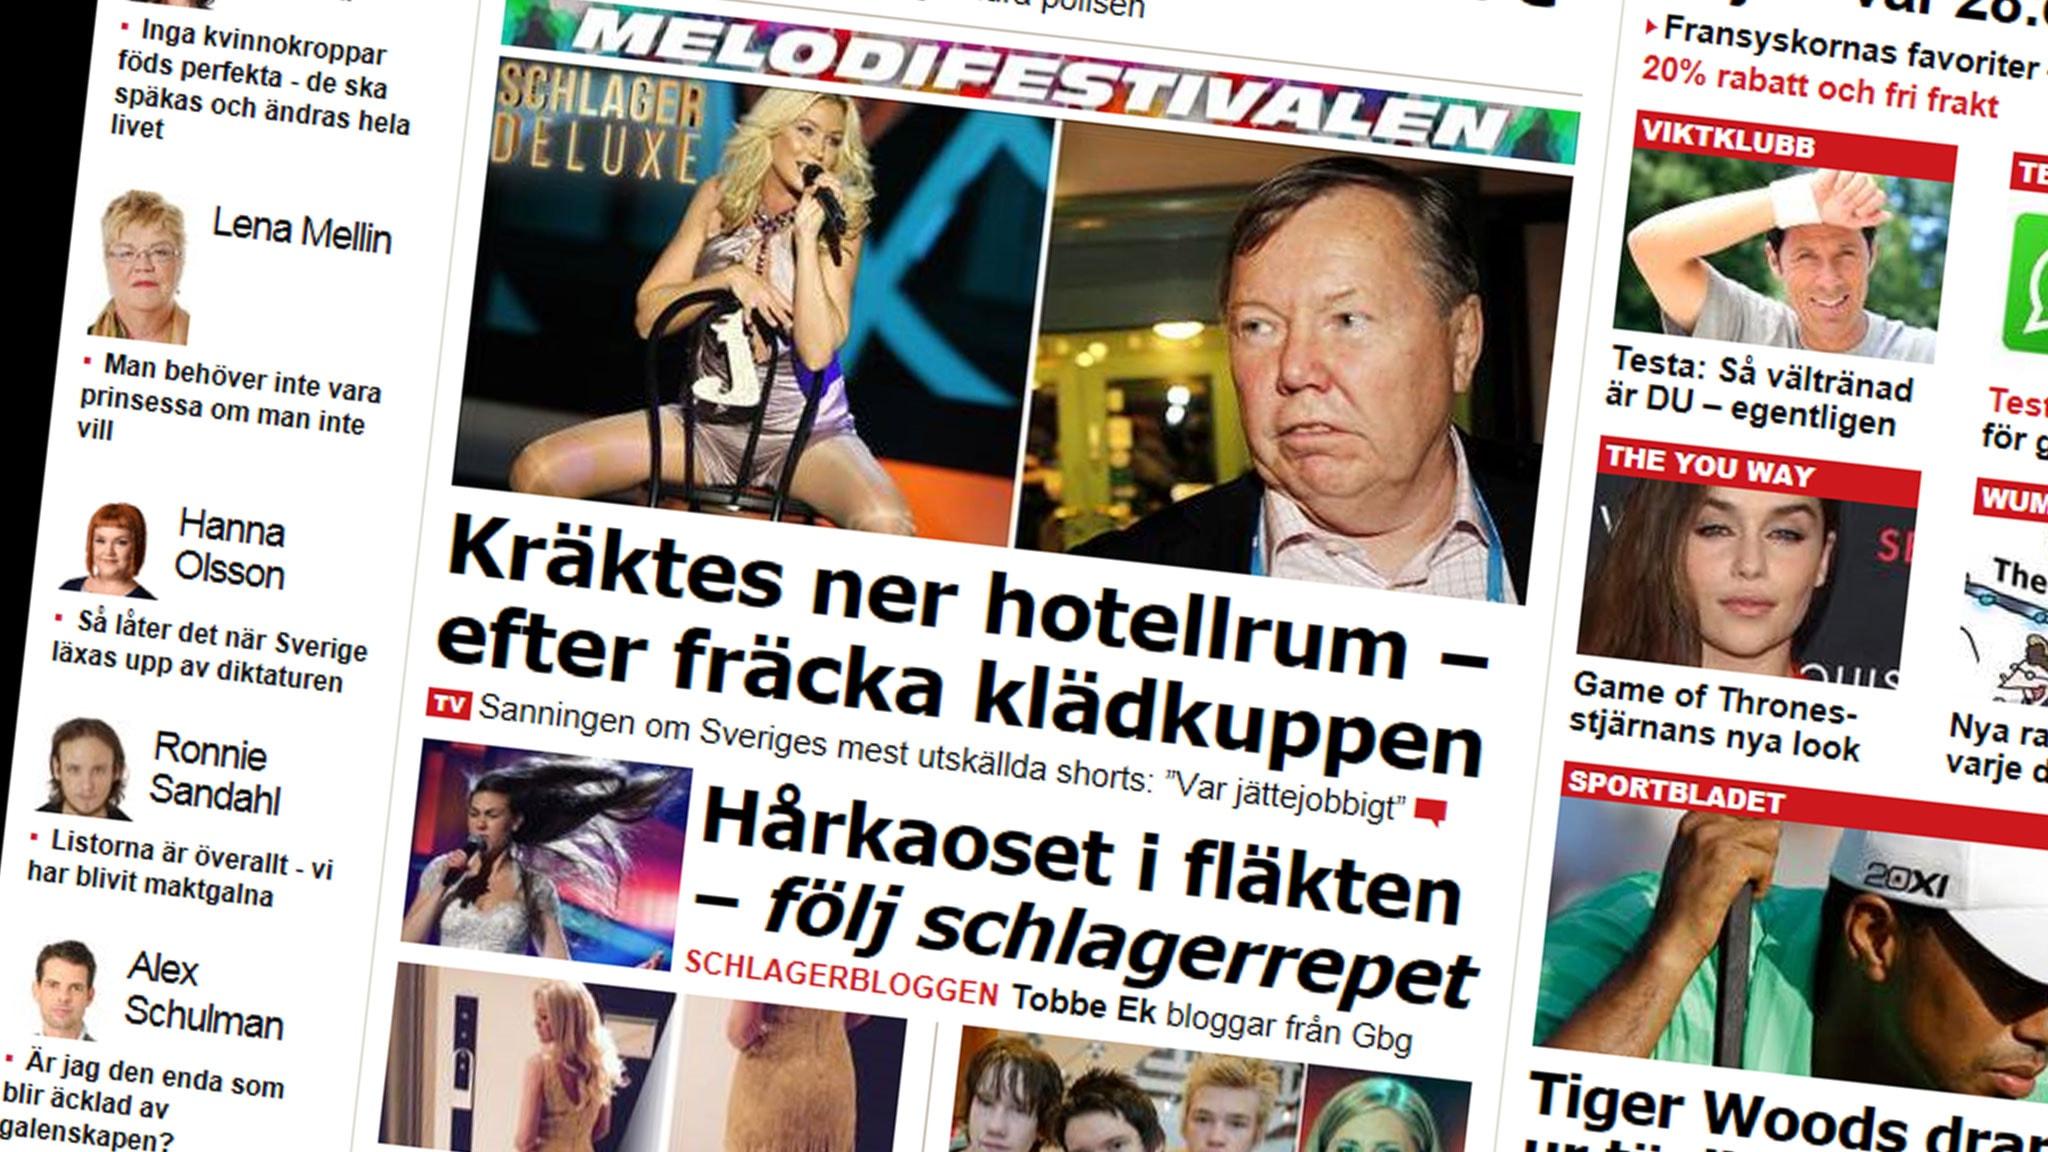 Nojesbladet slar nya rekord pa webben